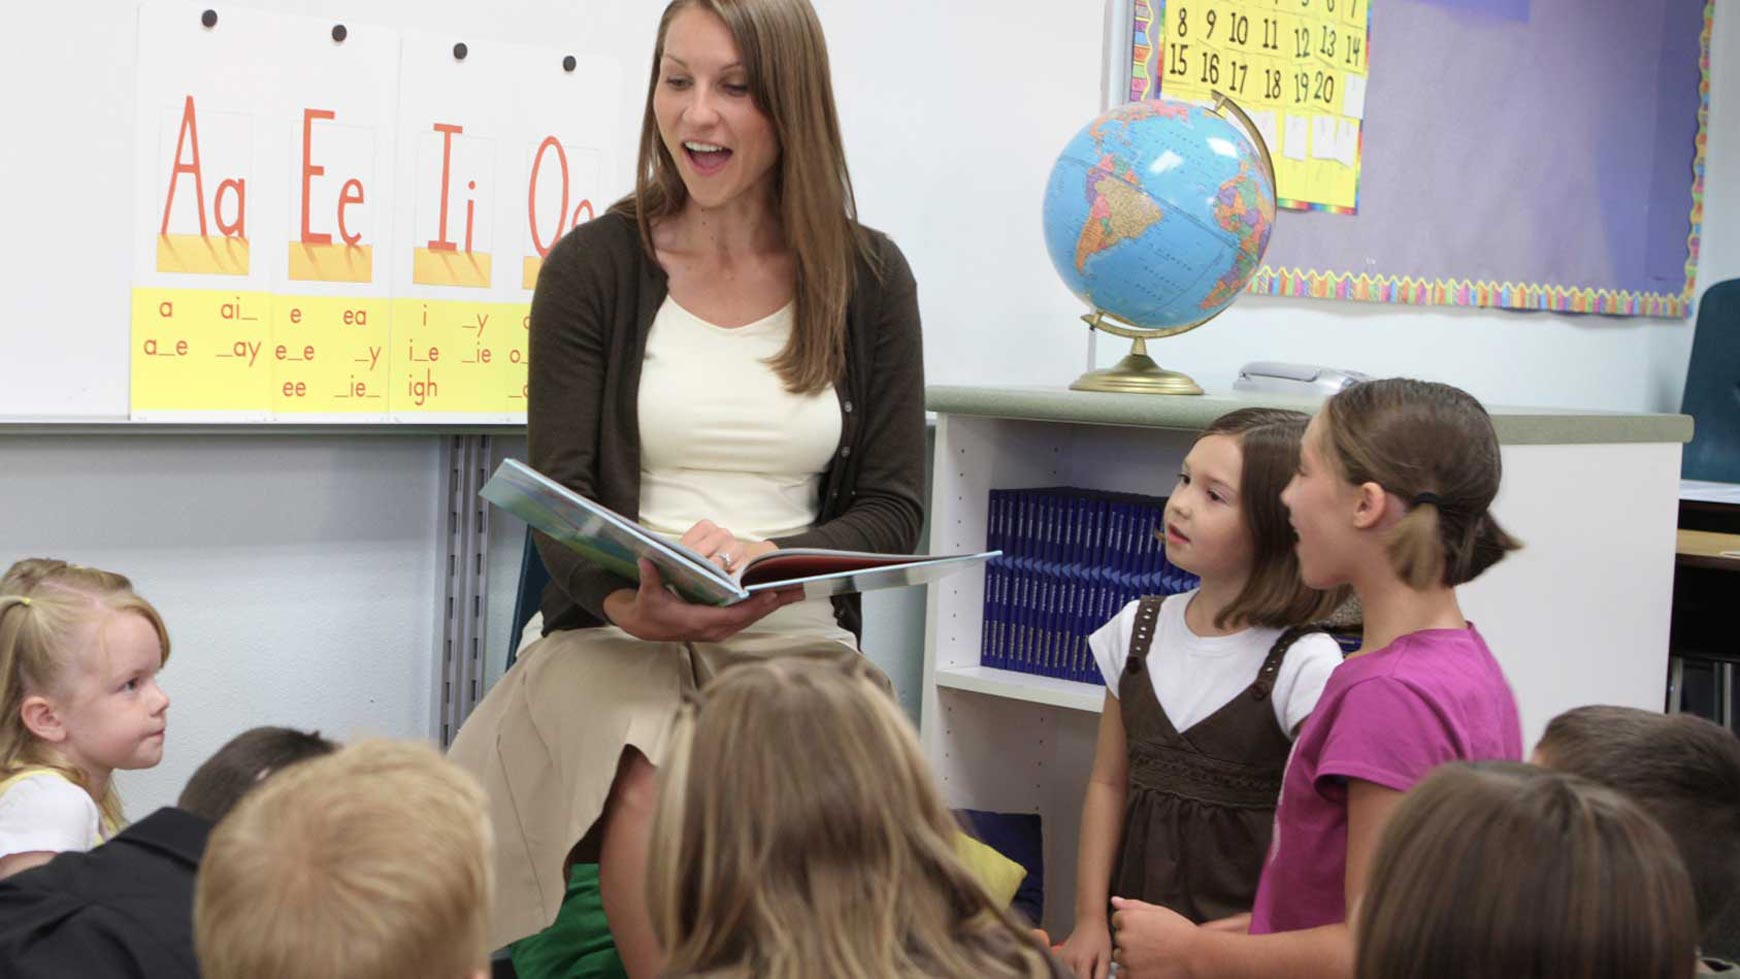 Cung Cấp Giáo Viên Tiếng Anh Cho Trường Học